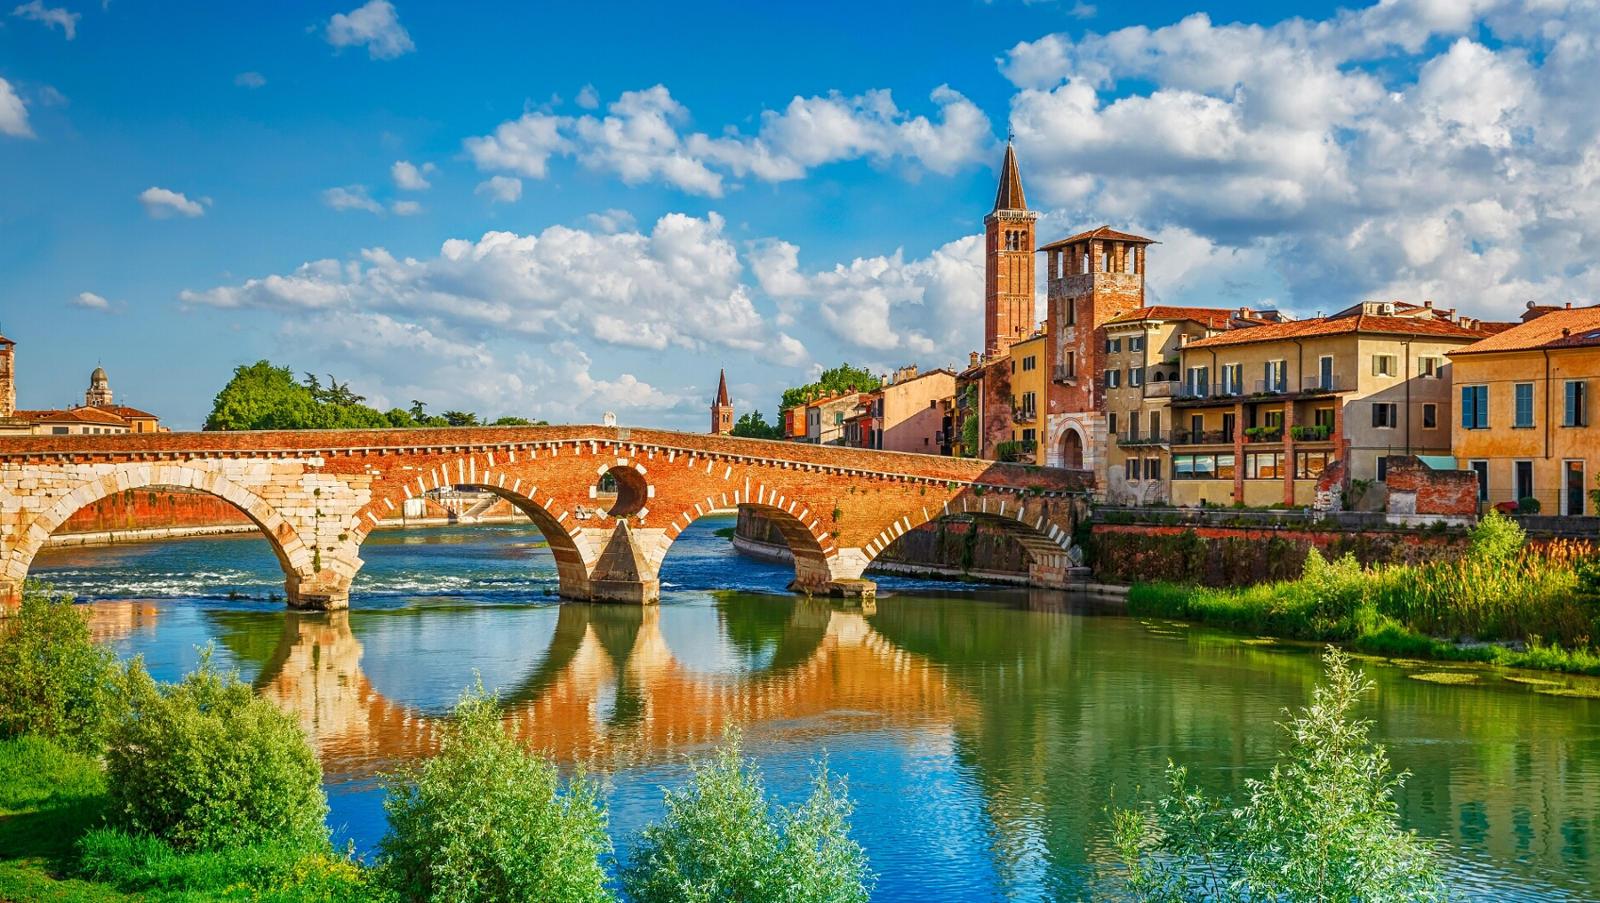 Valutazione Immobili Verona